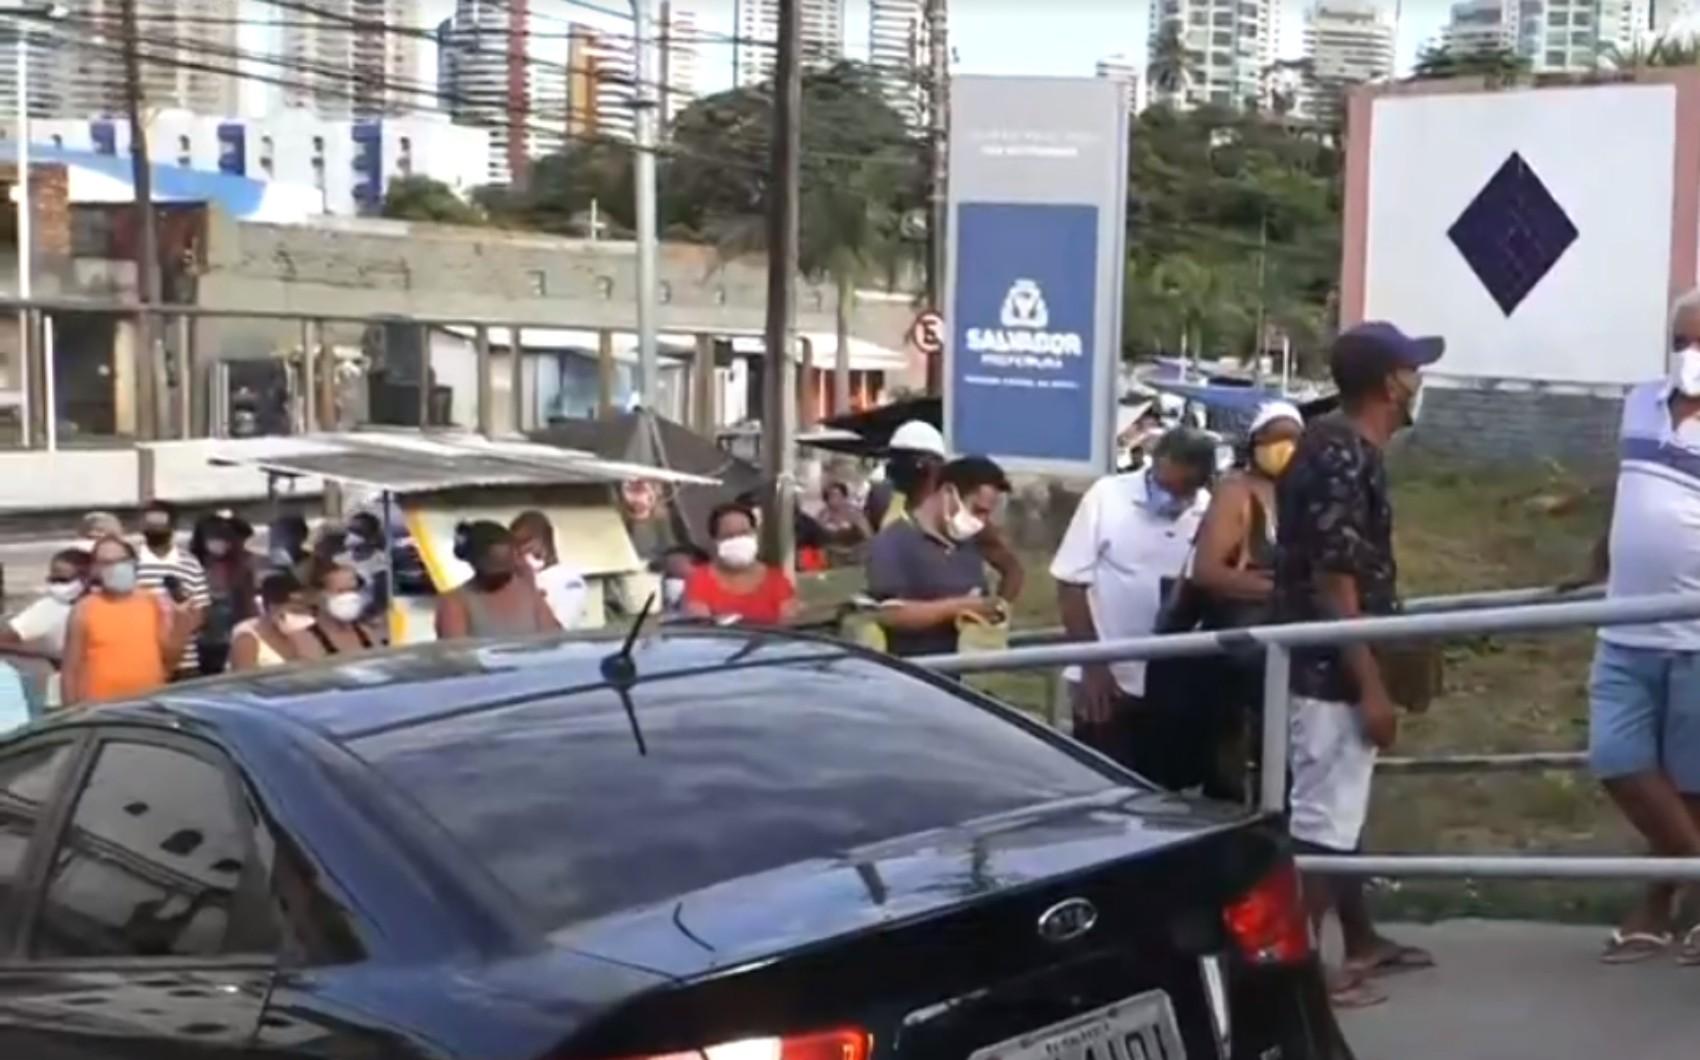 Multicentro do bairro Vale das Pedrinhas, em Salvador, amanhece com longas filas para marcação de consultas